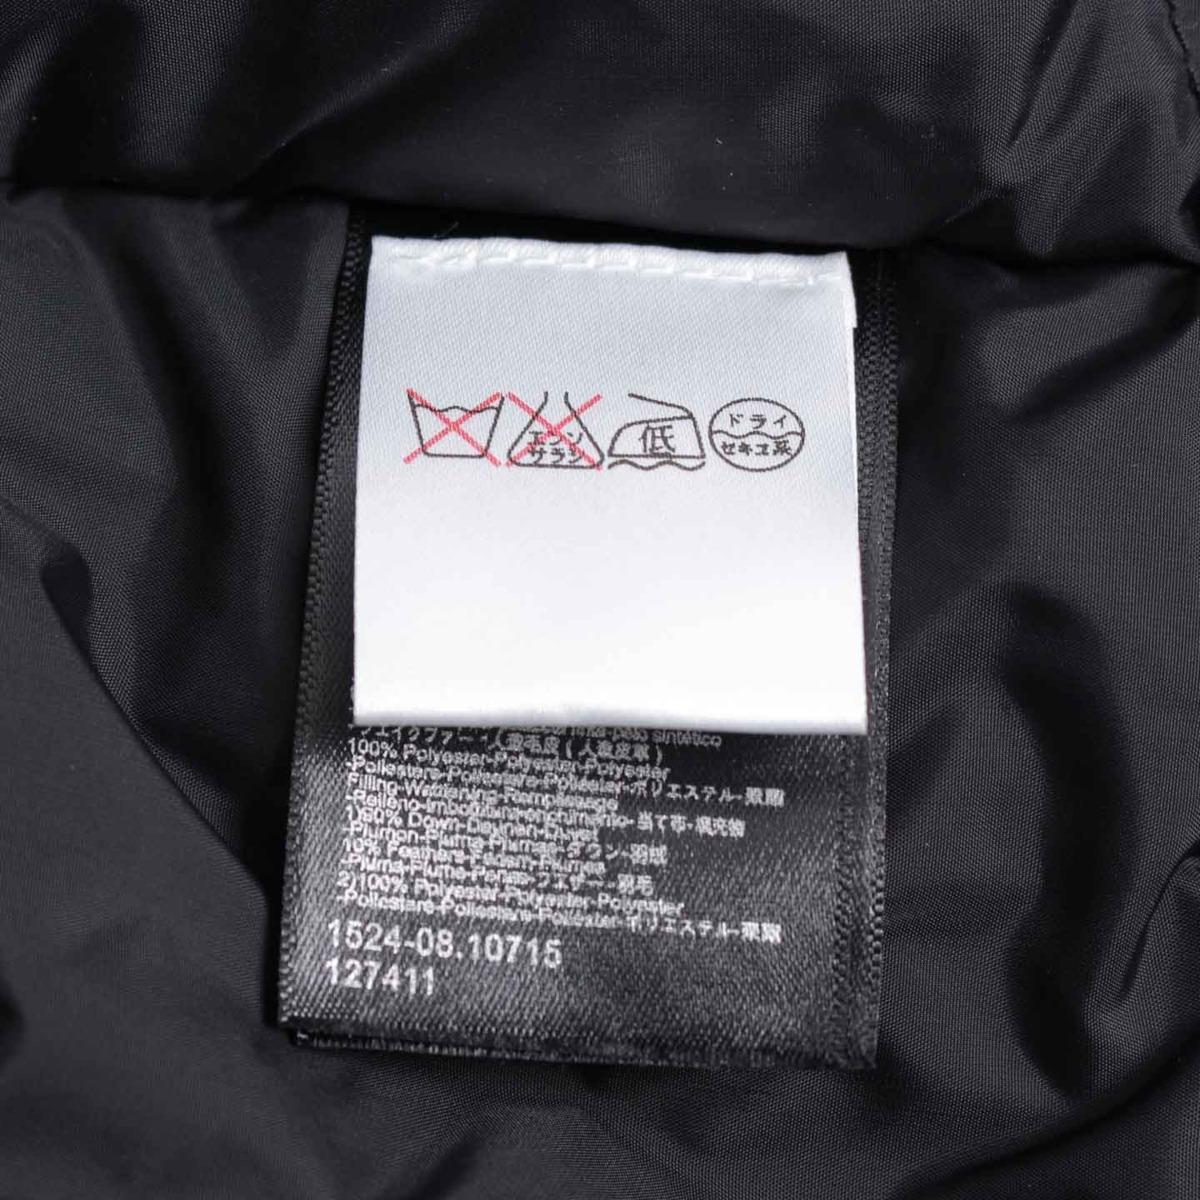 ソノタメゾンスコッチ スコッチ ソーダ ファー付き ダウンコート ライトブルー 1鑑定済・正規品保証 22125nO0Nv8wm